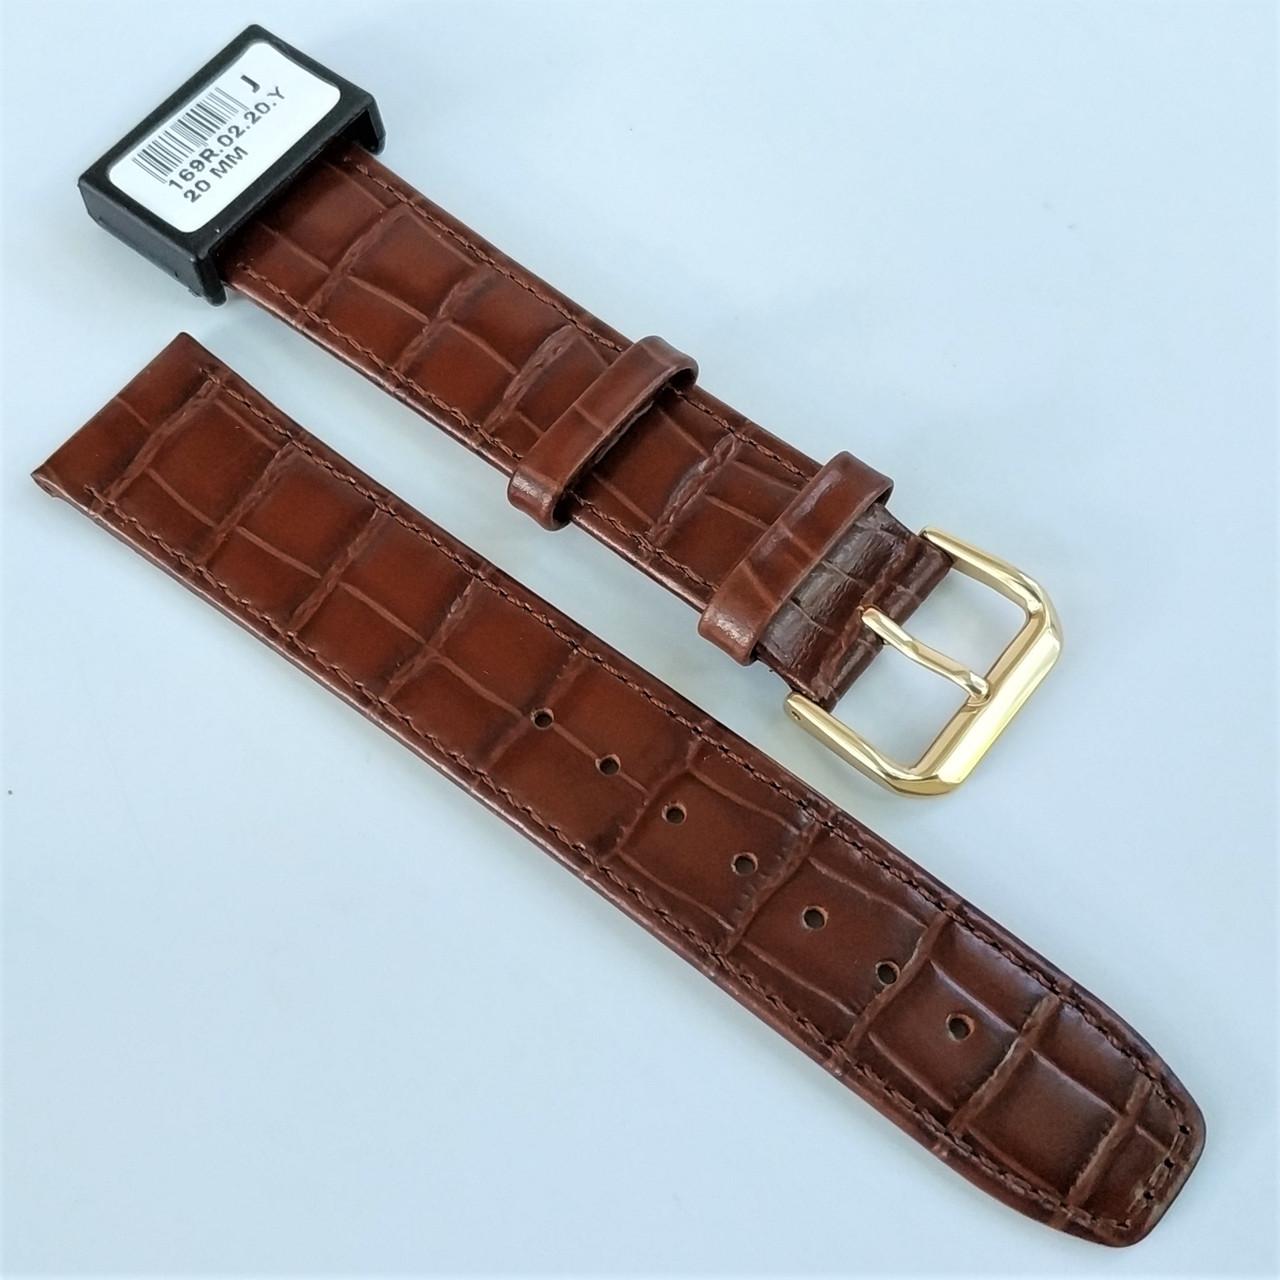 20 мм Кожаный Ремешок для часов CONDOR 169.20.02 Коричневый Ремешок на часы из Натуральной кожи